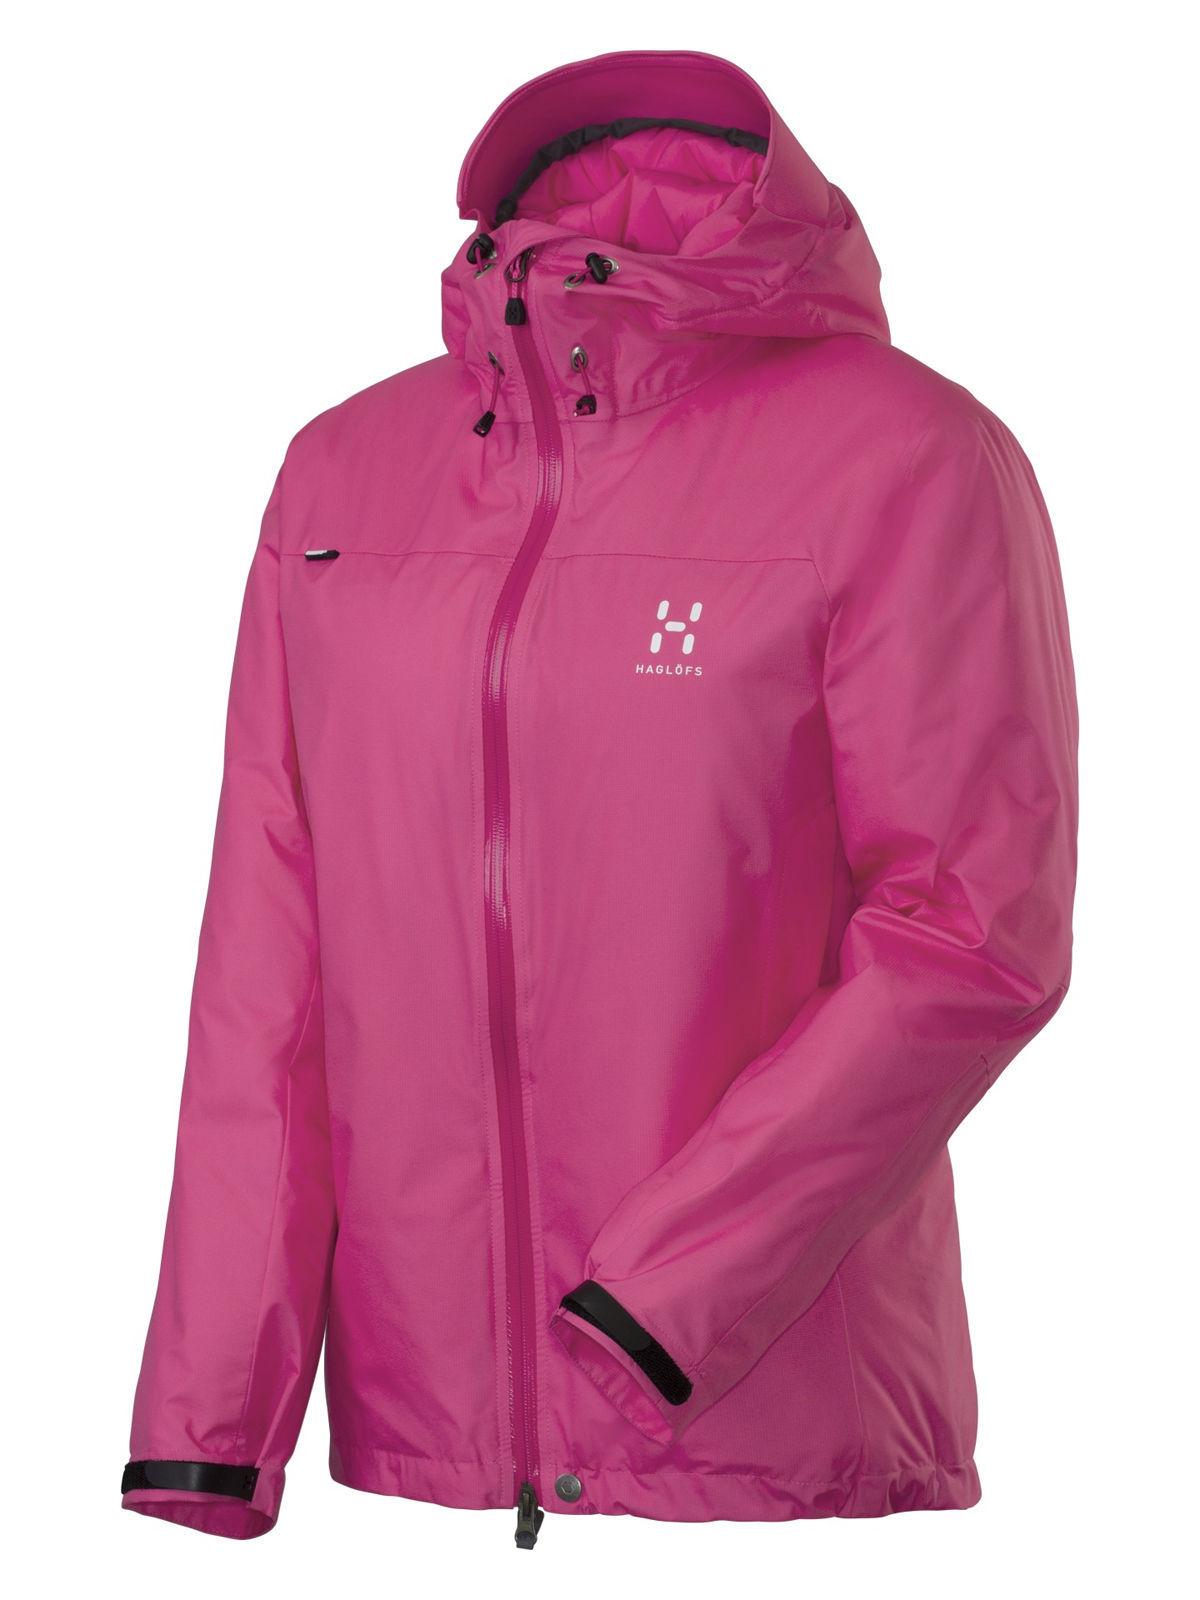 Haglofs Qanir Q Jacket Astral Pink-30